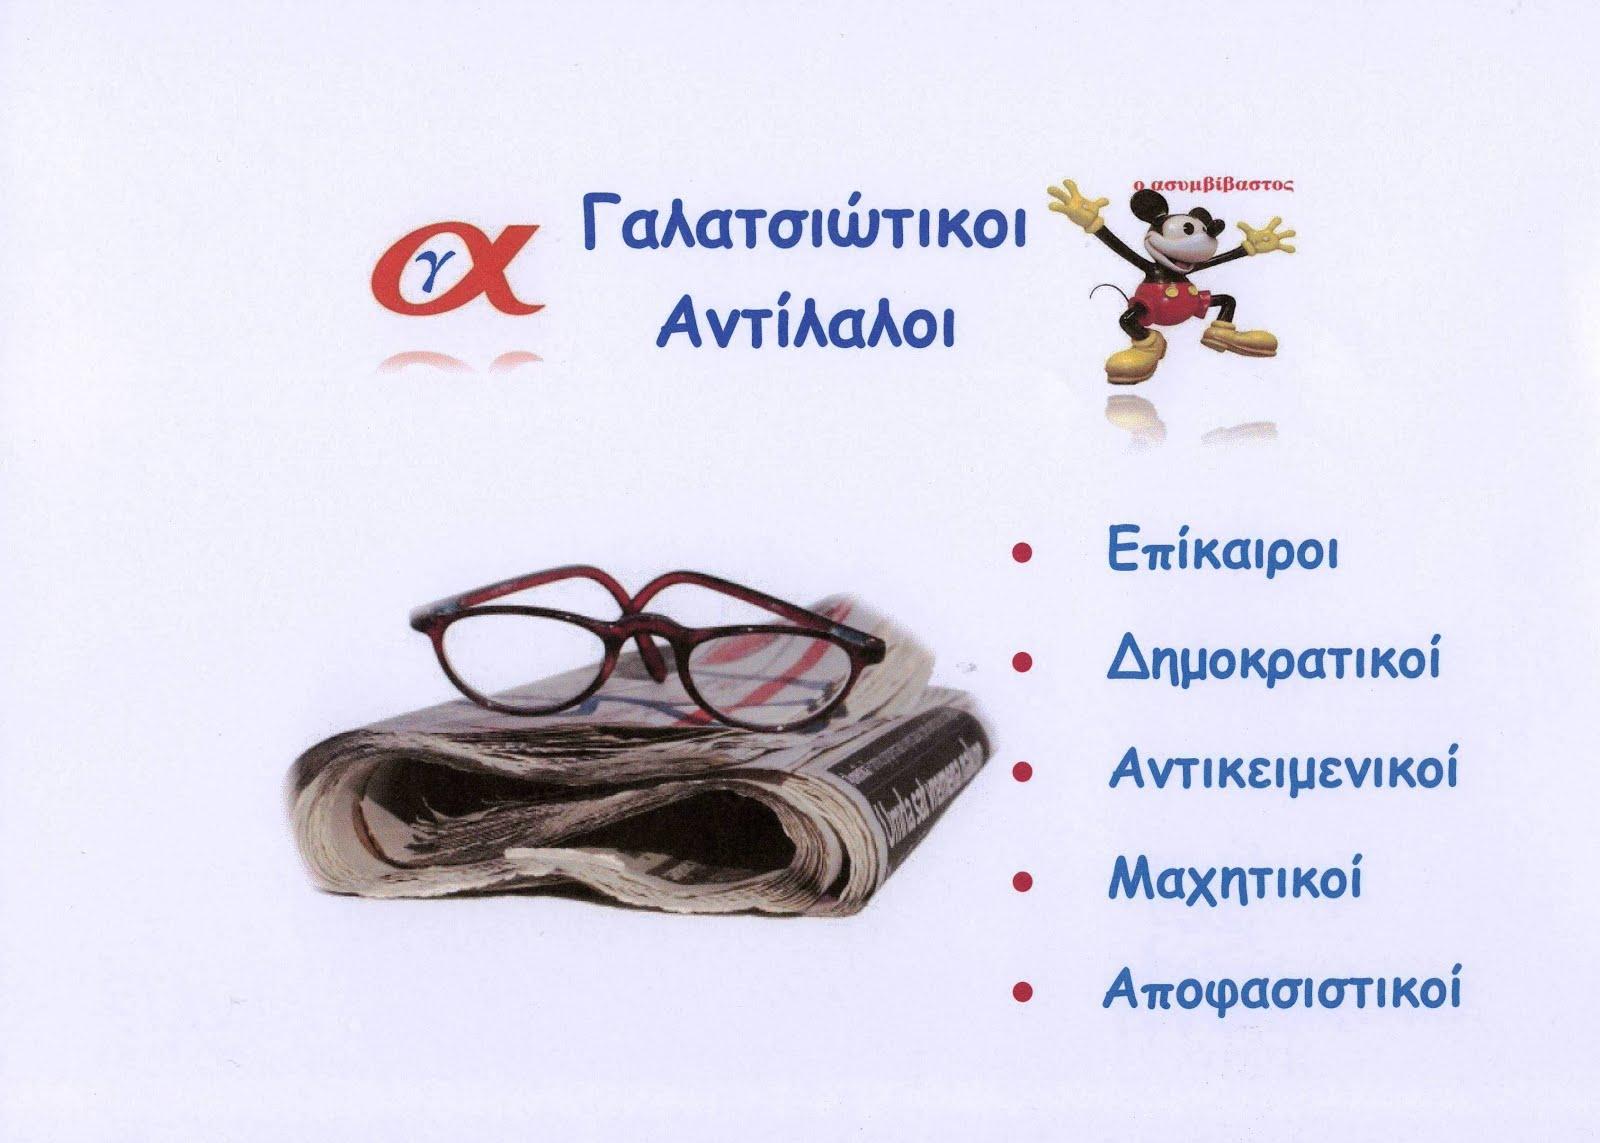 ΦΙΛΙΚΟ ΙΣΤΟΛΟΓΙΟ